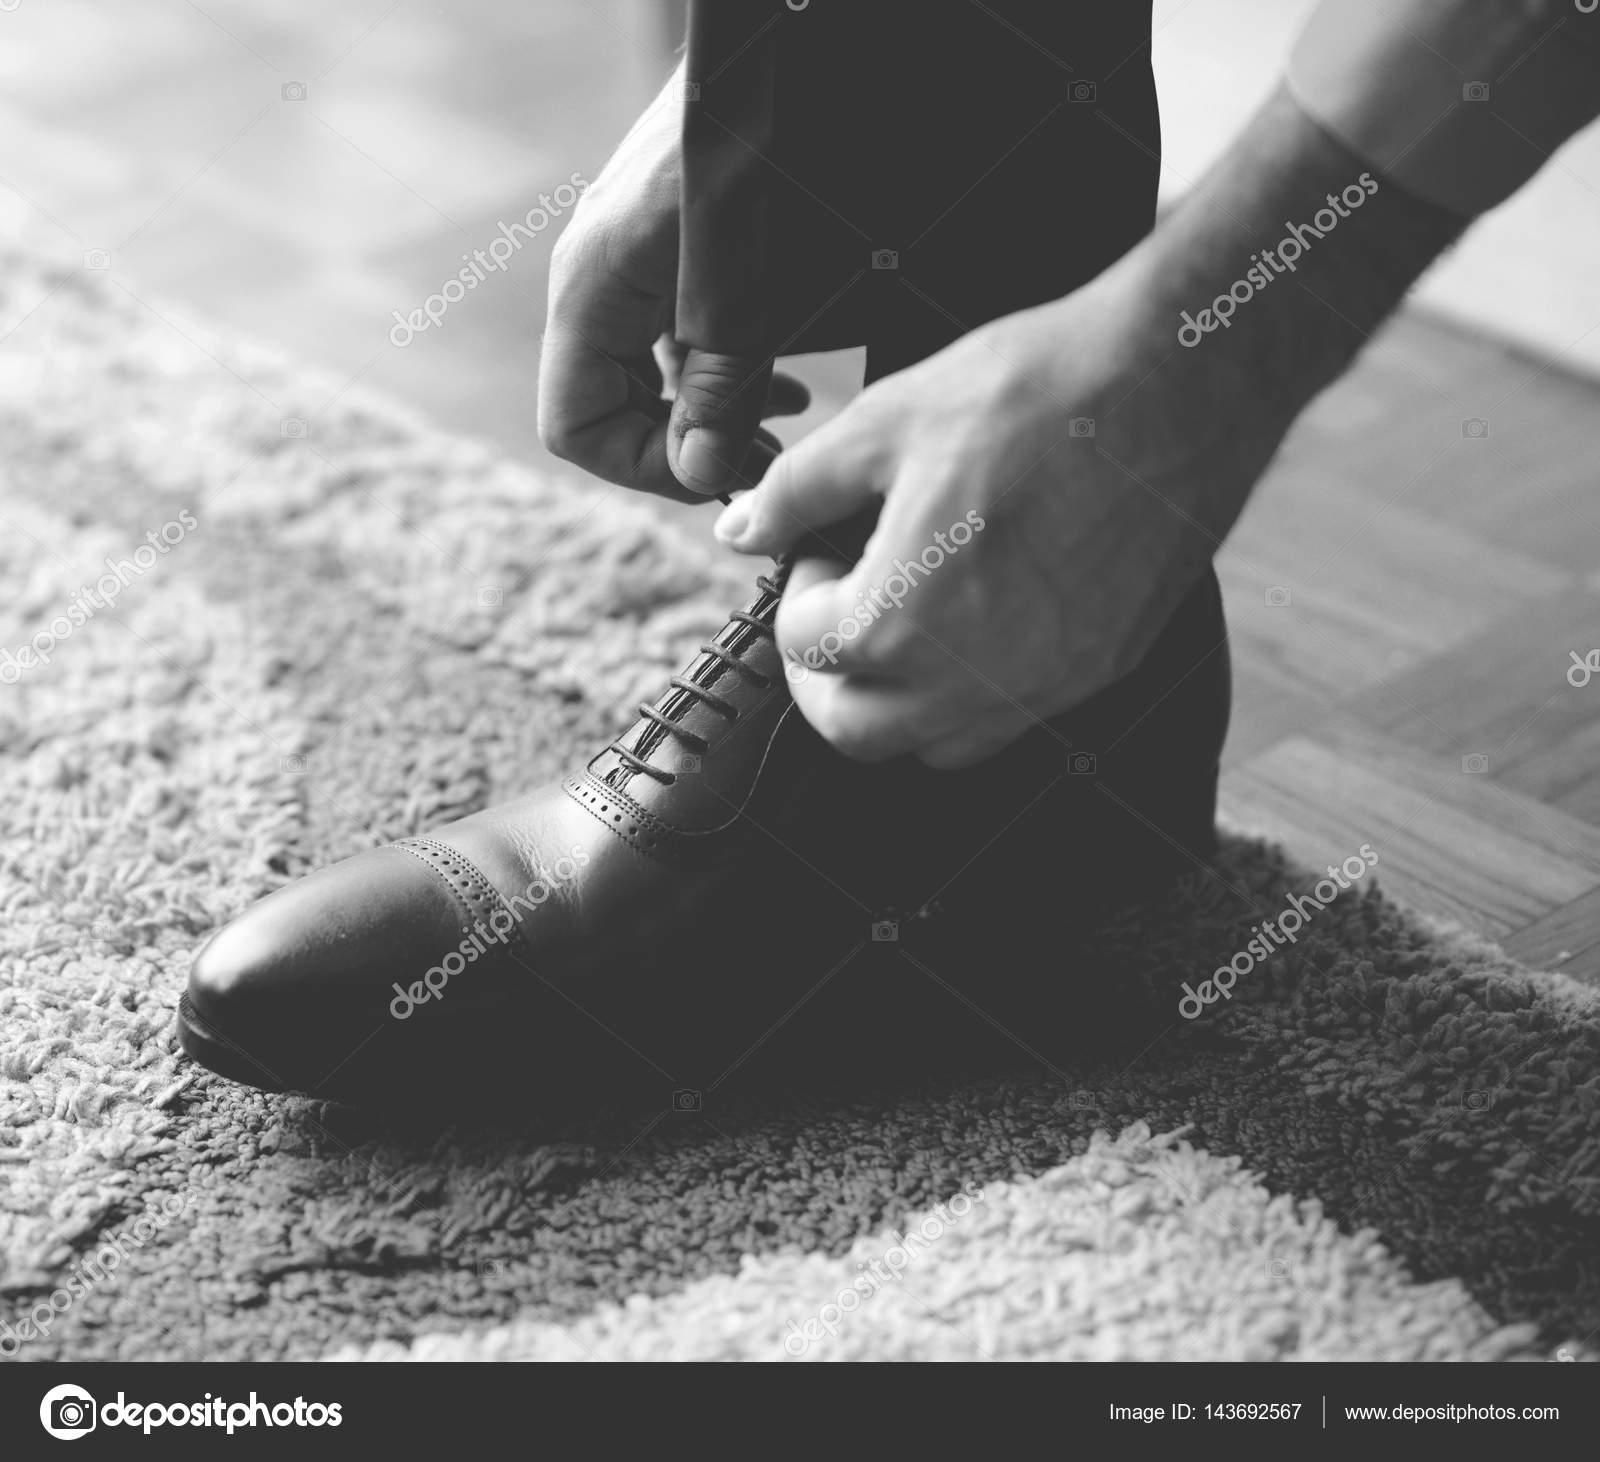 Schwarze Zu Schuhe Schwarz Mann BindenAuf Schnürsenkel Die bf6Y7Ivgy